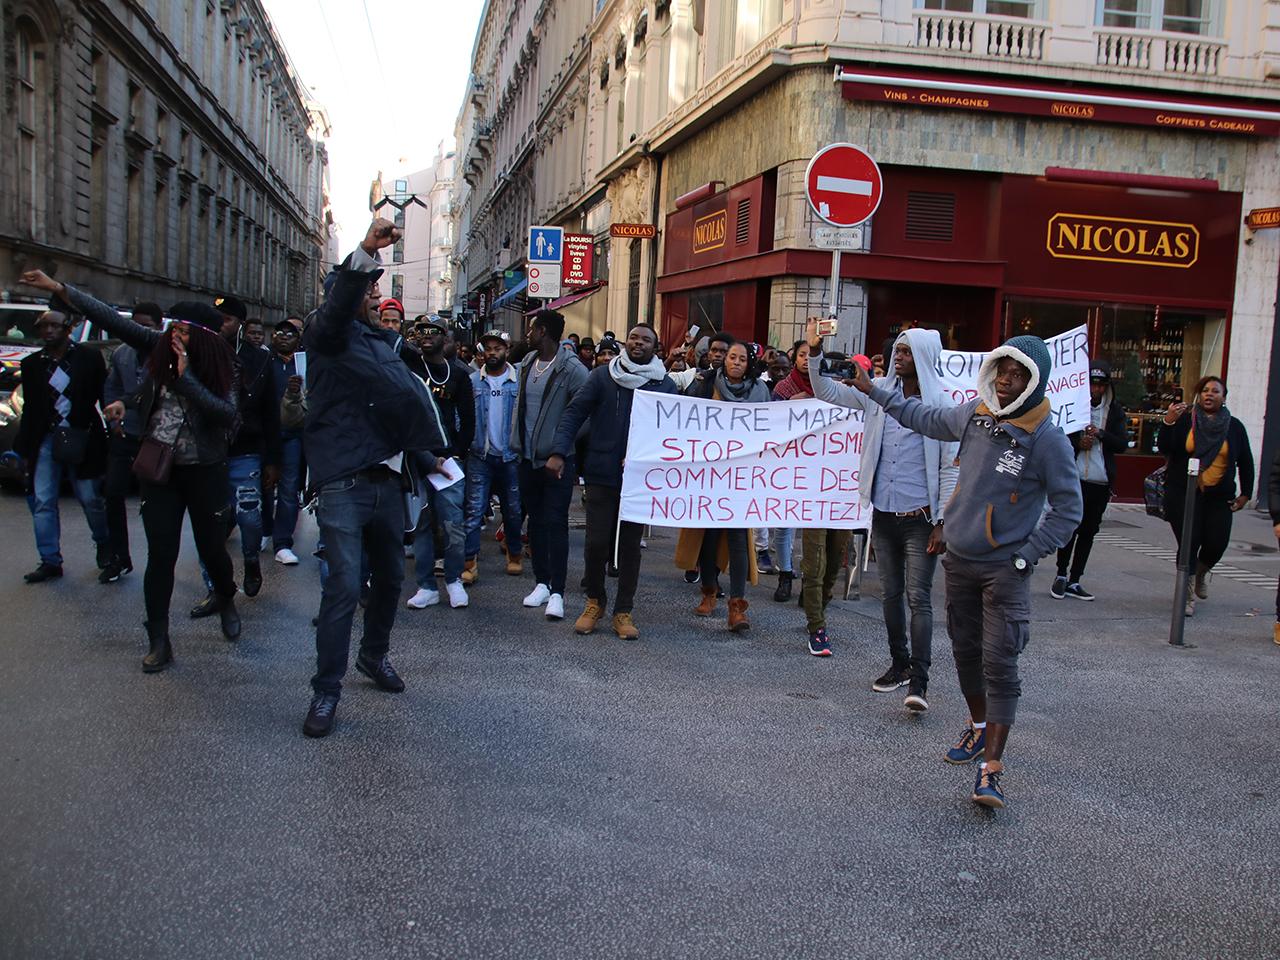 Les manifestants ont ensuite décidé de défiler dans les rues de Lyon - LyonMag